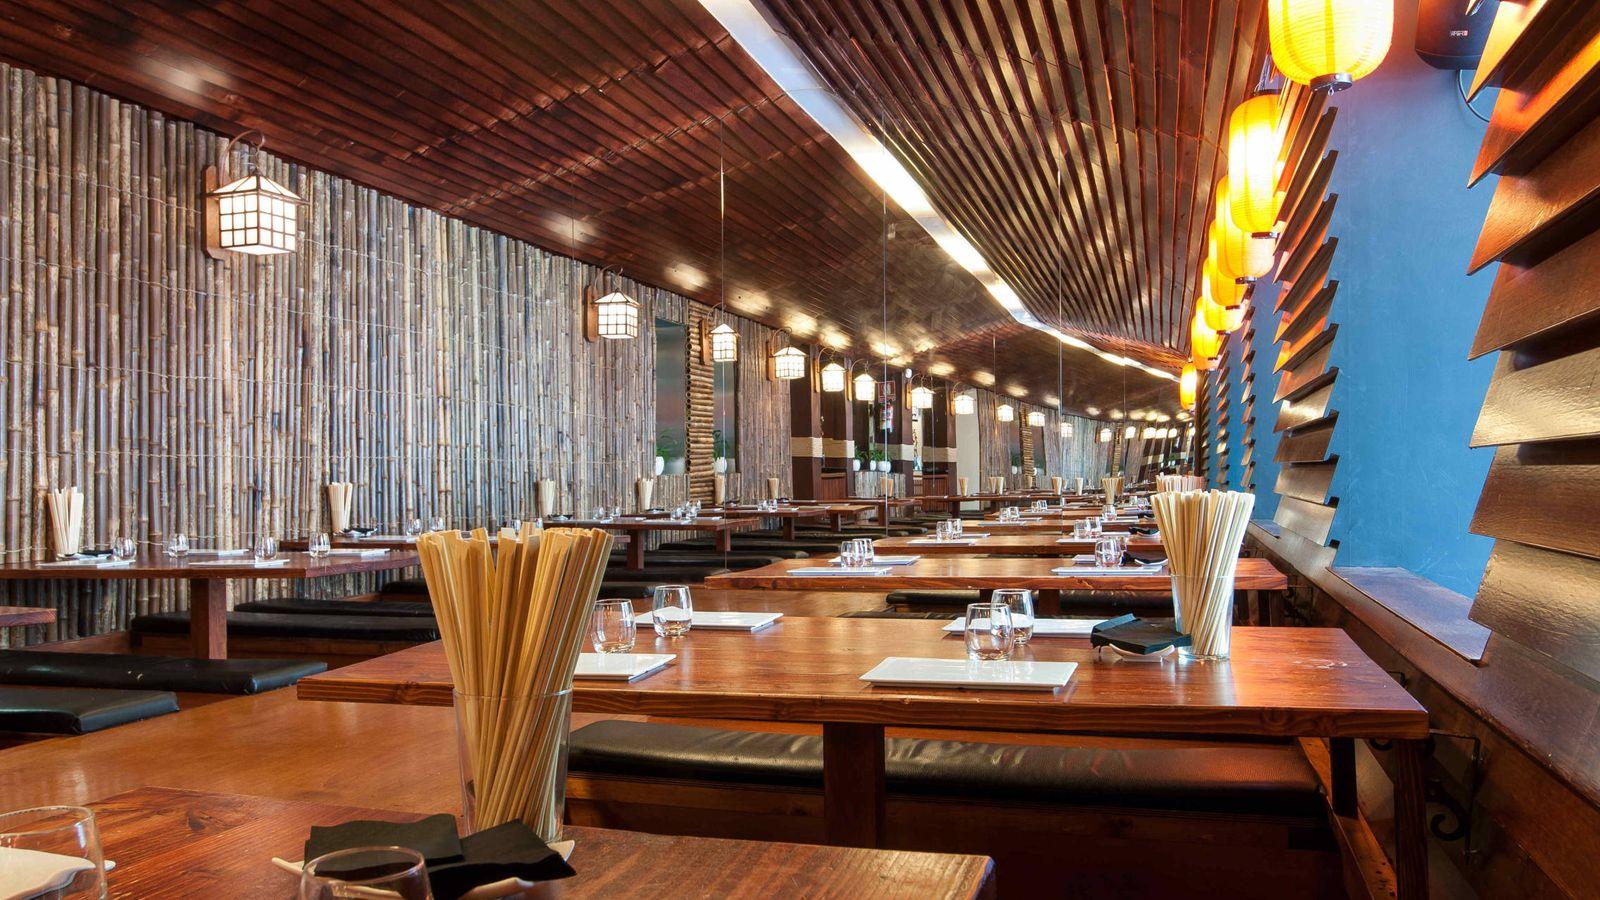 Foto: Restaurante japonés Hattori Hanzo. (Cortesía)